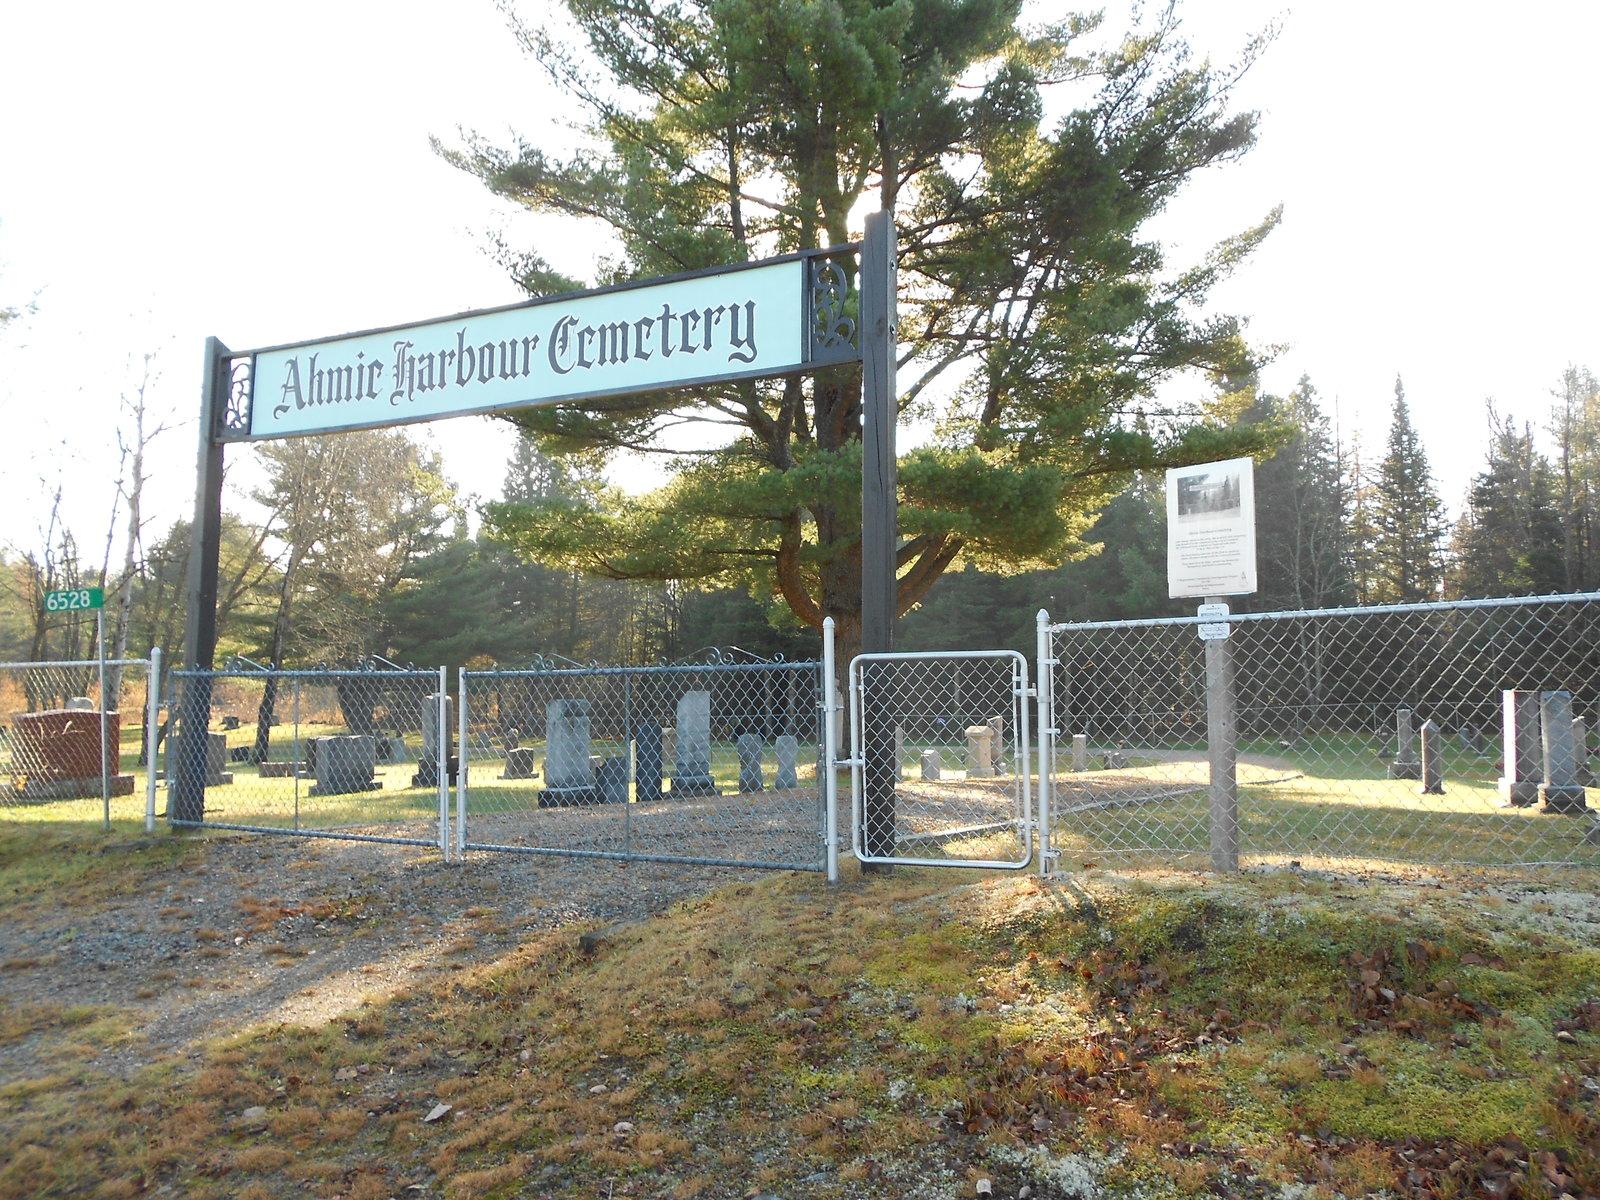 Ahmic Harbour Cemetery